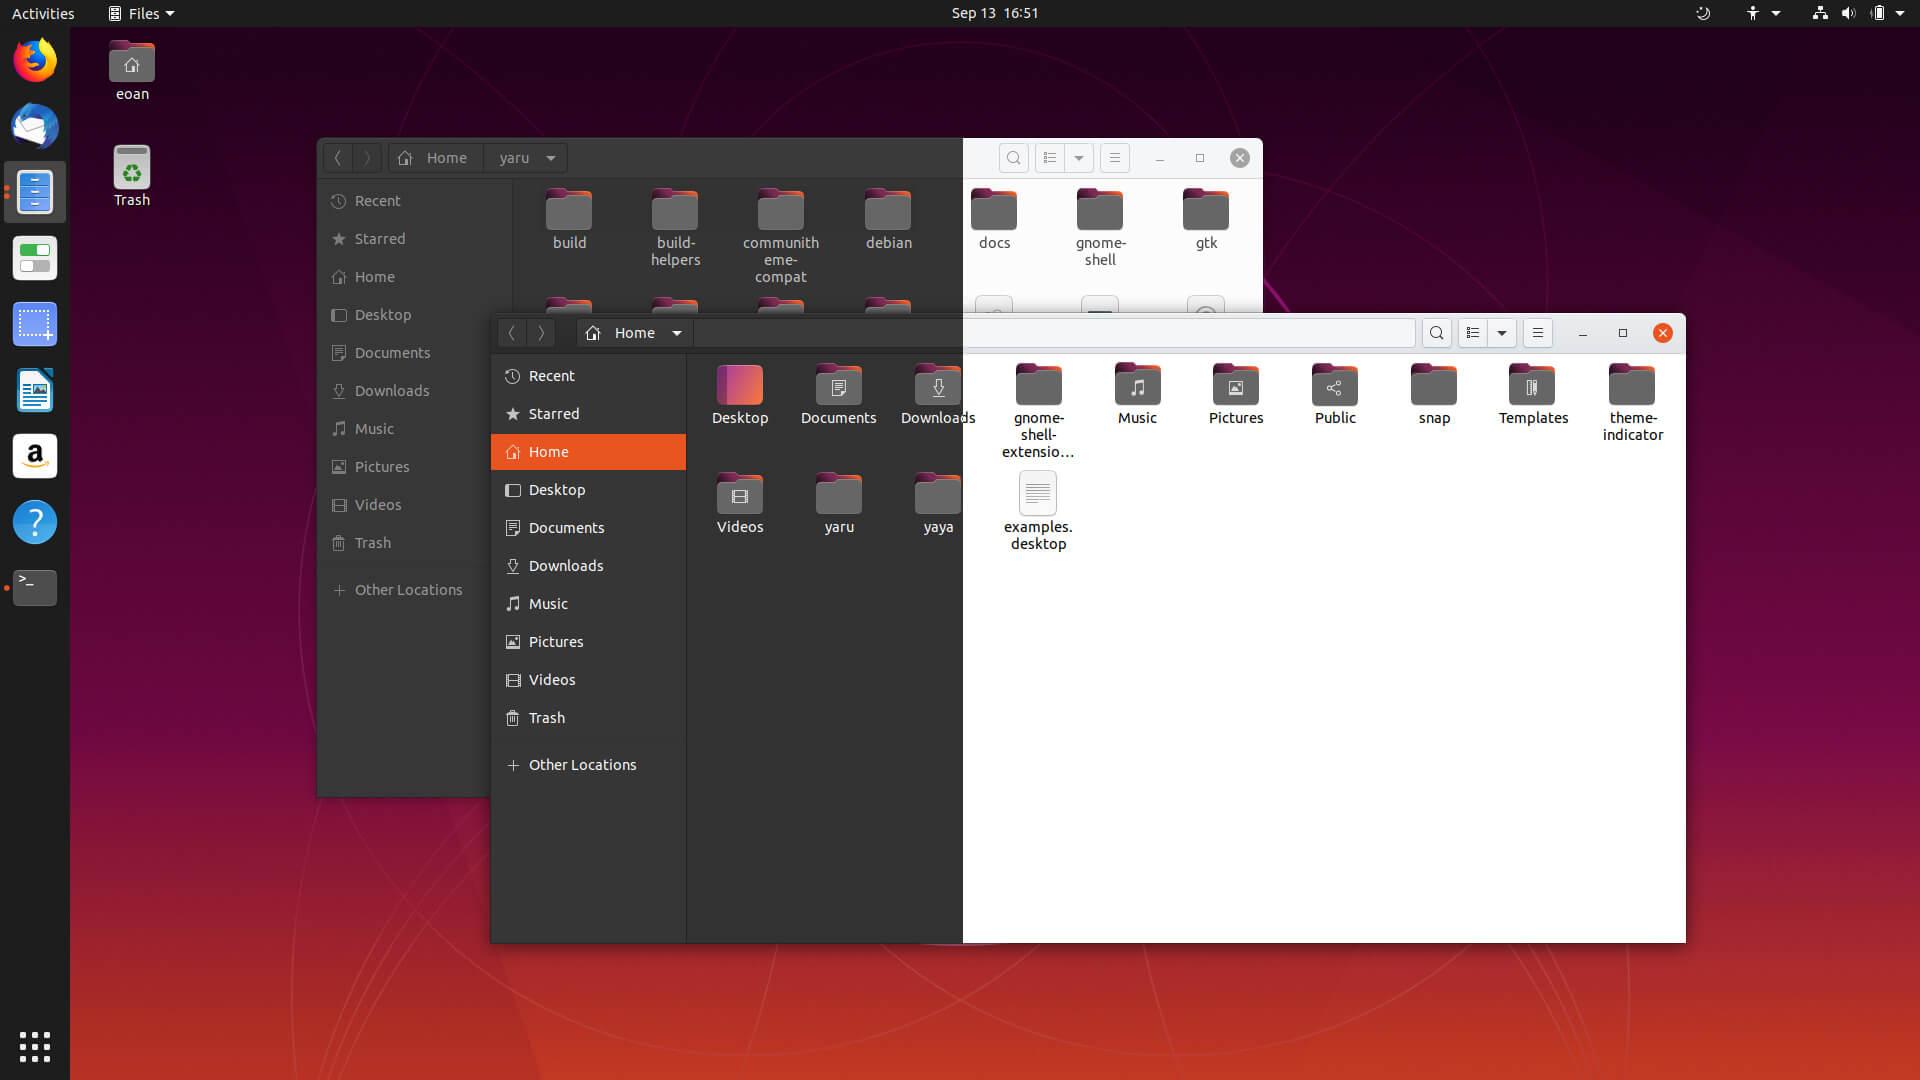 Wraz z Ubuntu 20.04 LTS nadejdą spore zmiany w wyglądzie tego systemu